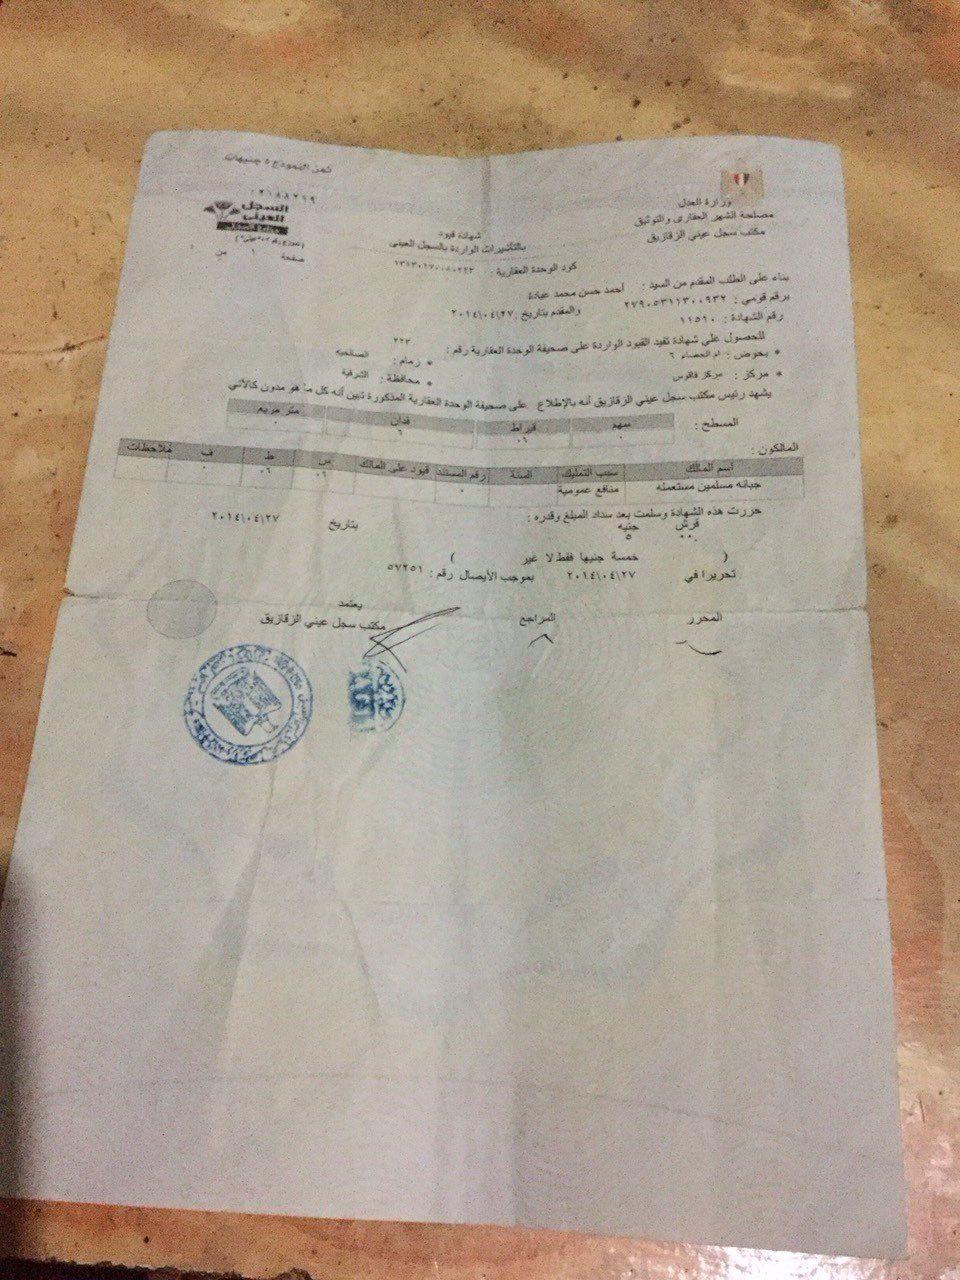 أهالى الصالحية القديمة بالشرقية يهددون بالإضراب عن الطعام بسبب الإصرار على هدم مقابرهم1